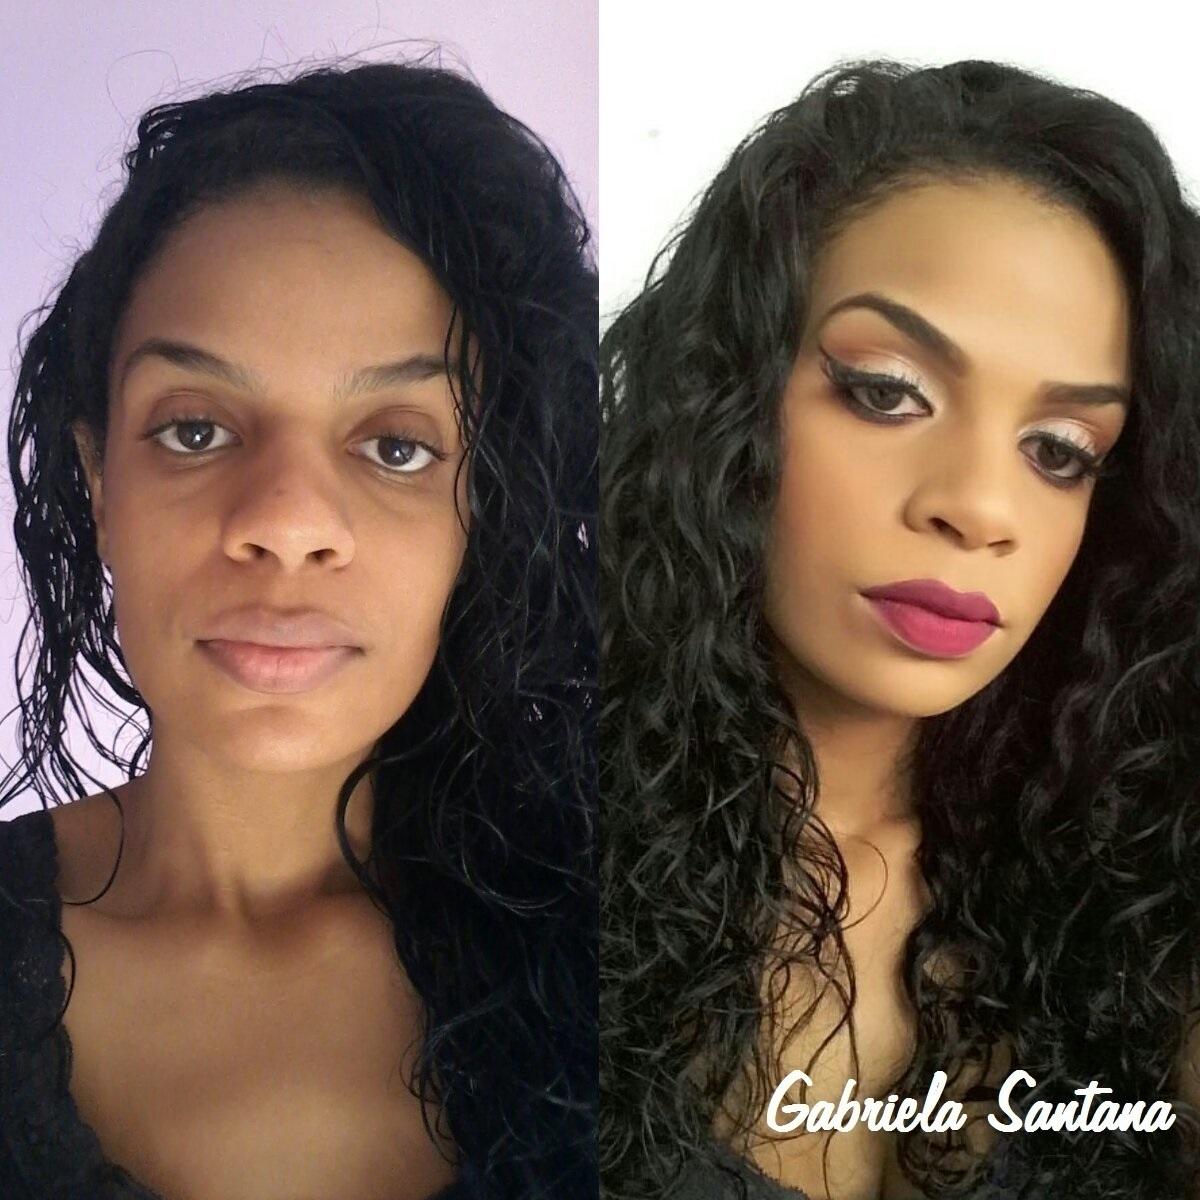 Maquiagem contorno e iluminação - Pele negra Nessa maquiagem foi utilizada a técnica de contorno e iluminação. Correção das sobrancelhas e uniformização da pele.Nos lábios batom vinho e nos olhos delineado gatinho, marcação de concavo e iluminado no centro dos olhos. pele negra, delineado maquiagem  maquiador(a)